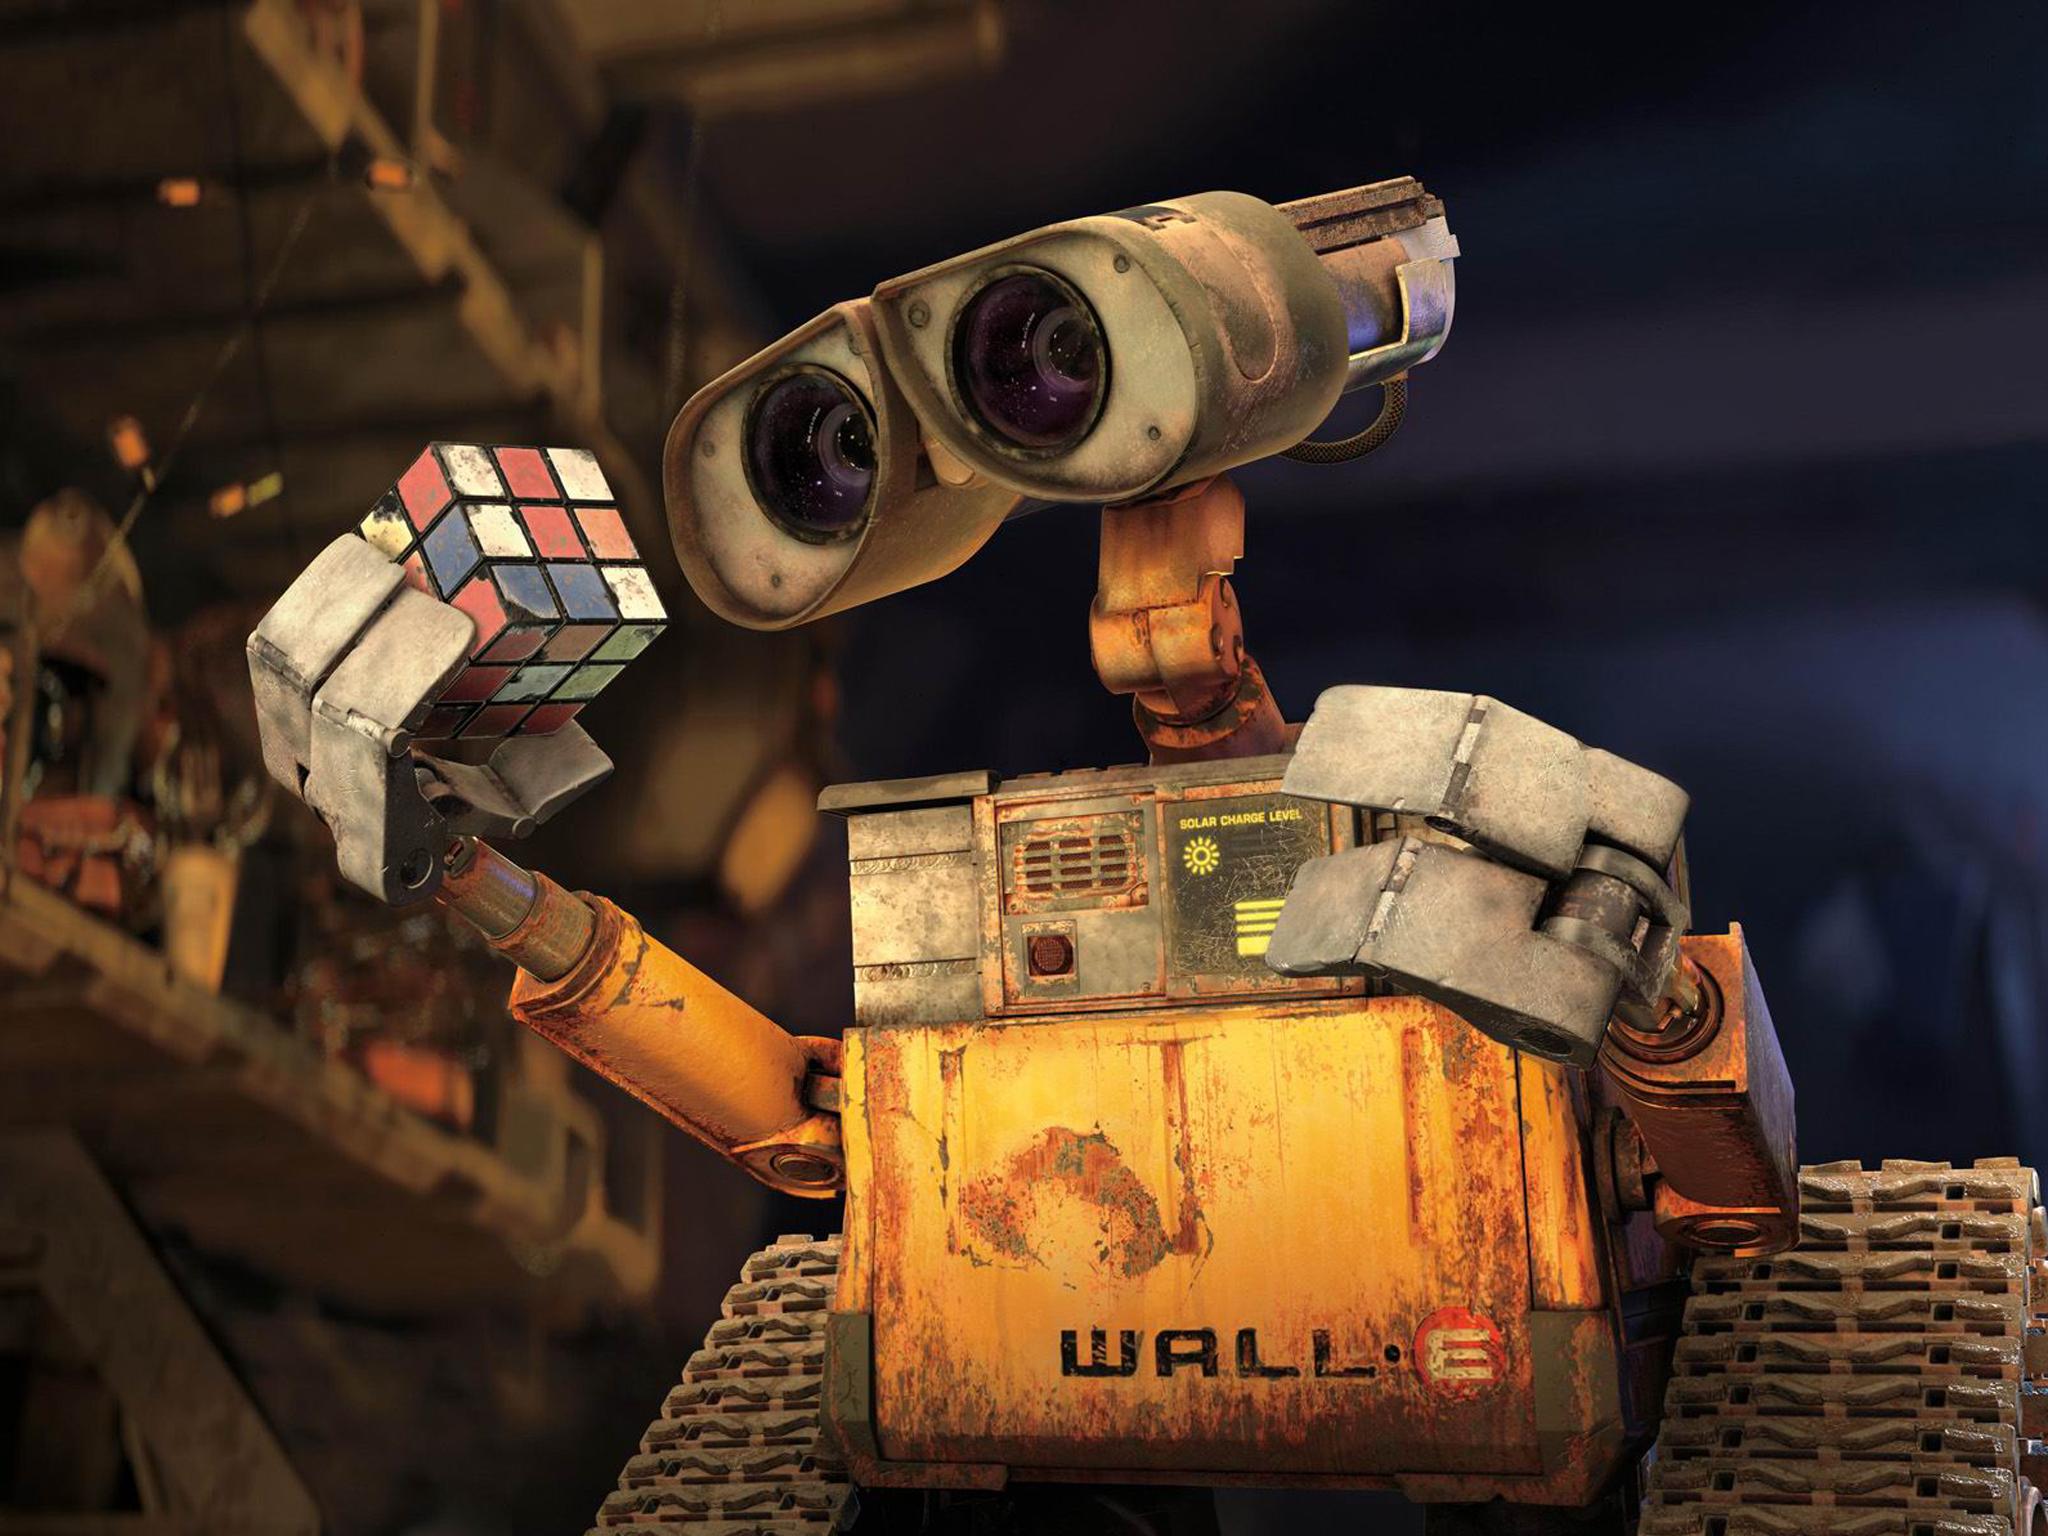 WALL-E from 'WALL-E'